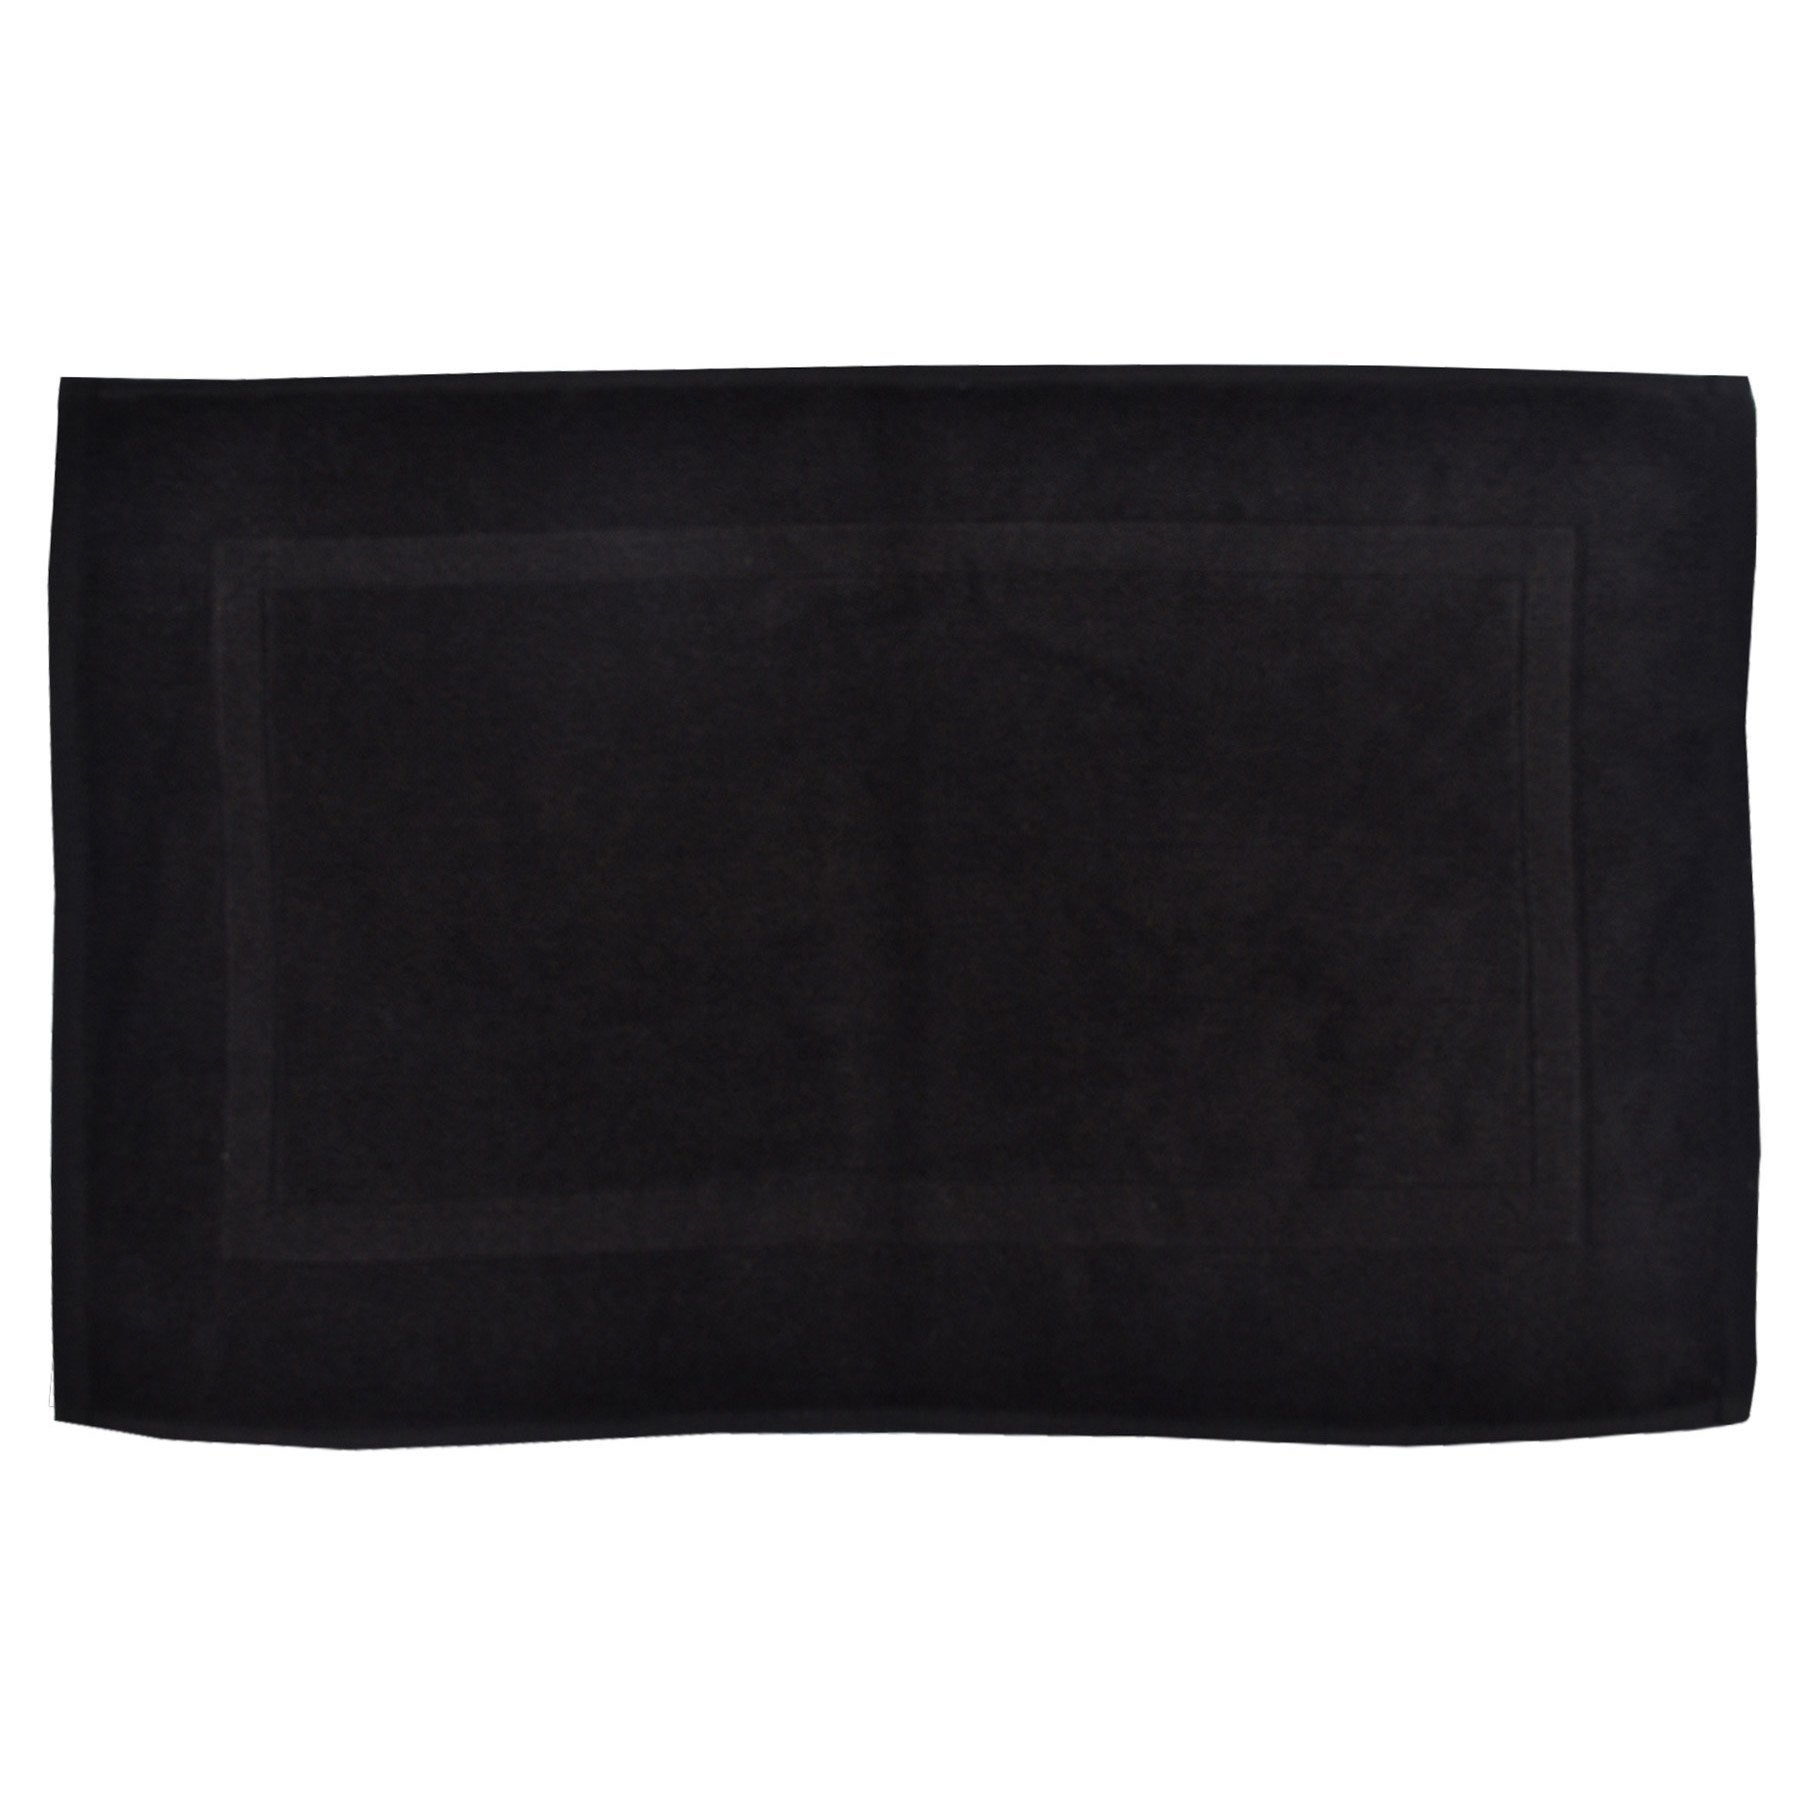 Tapis de bain l.50 x L.80 cm black n°0, Terry SENSEA